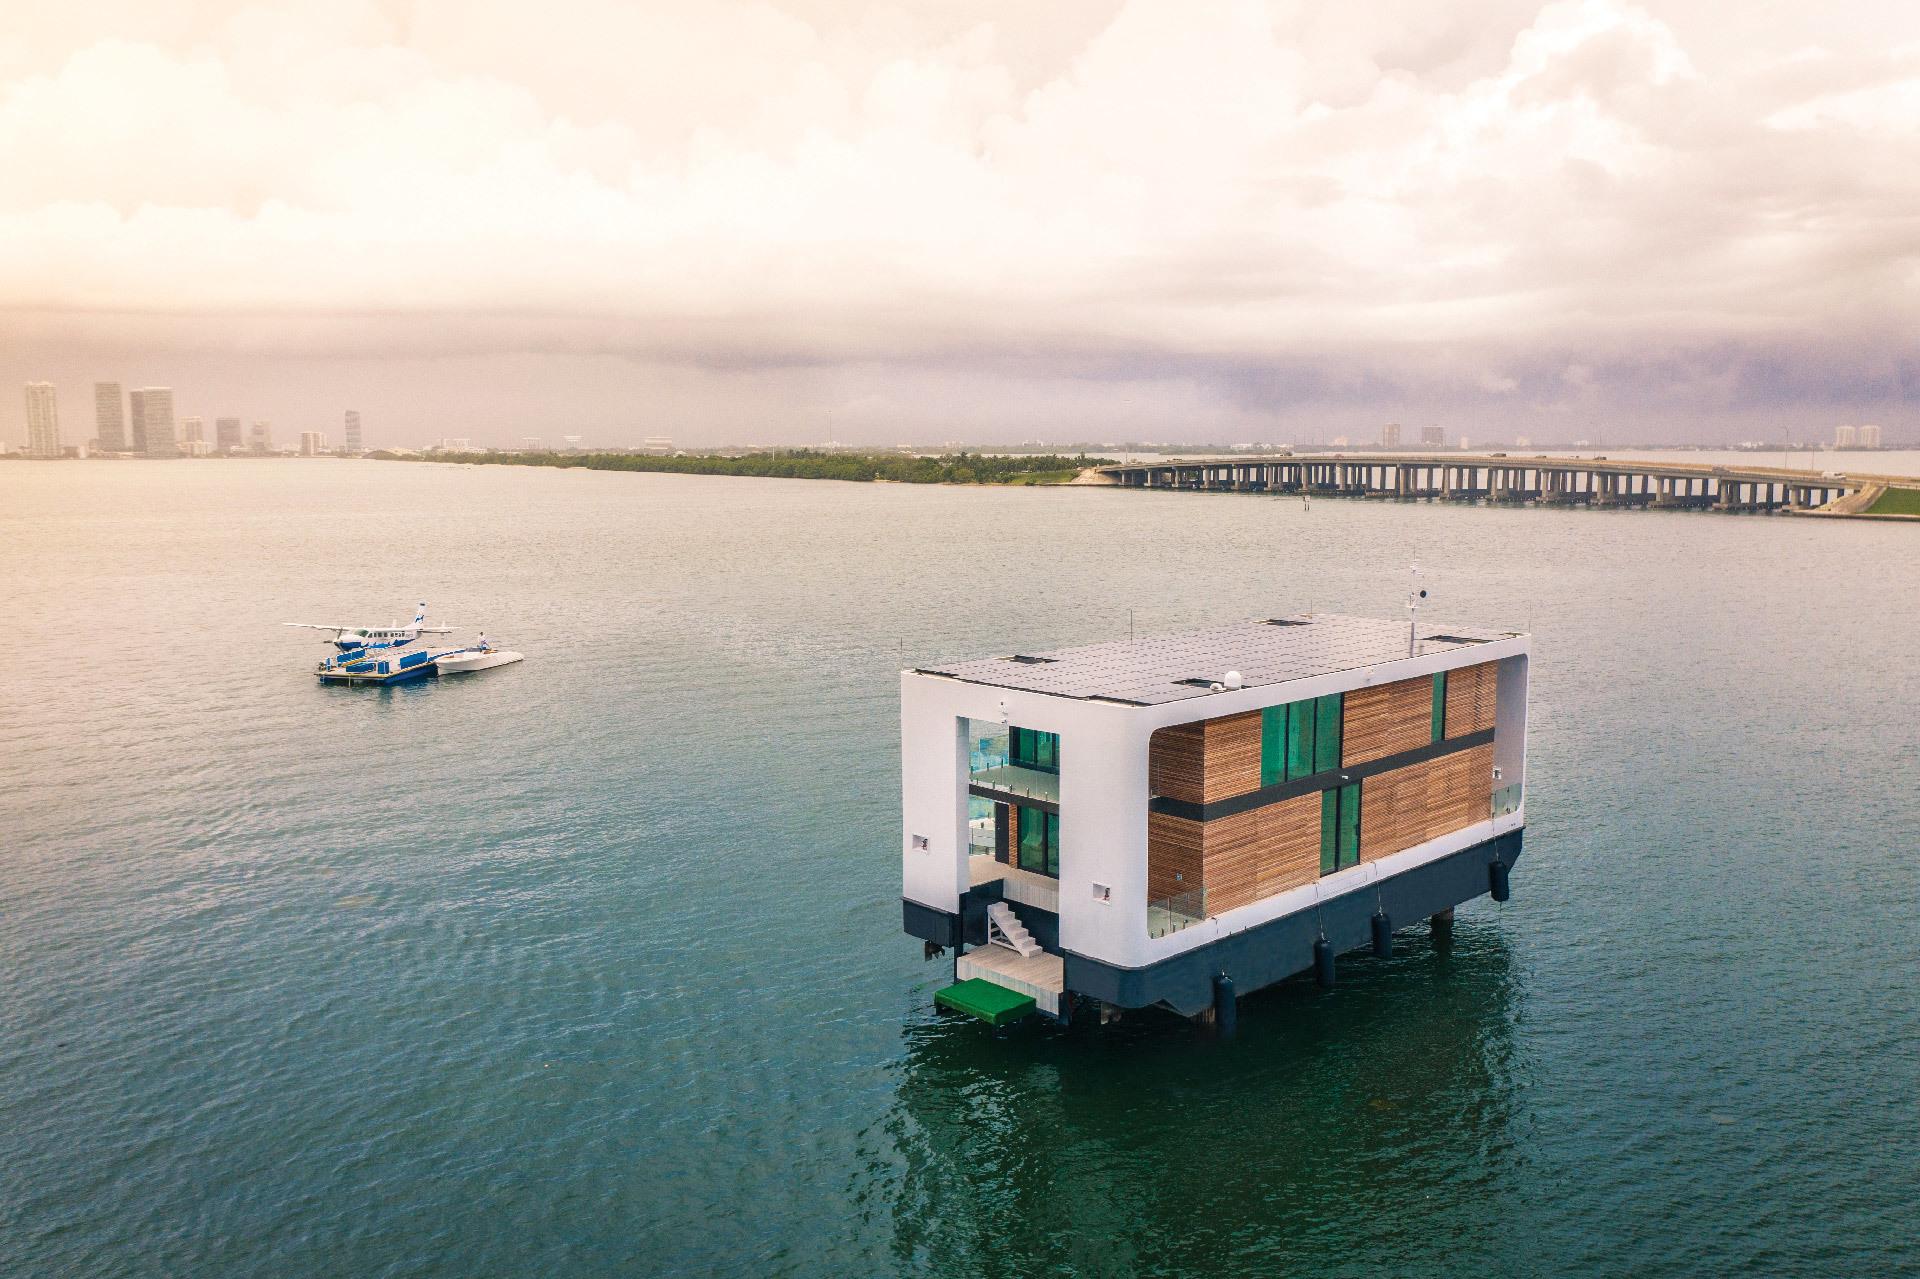 Der Entwurf Arkup wurde von Koen Olthuis als bewegliches Zuhause in Florida entwickelt. Architekt: Koen Olthuis - Waterstudio.NL